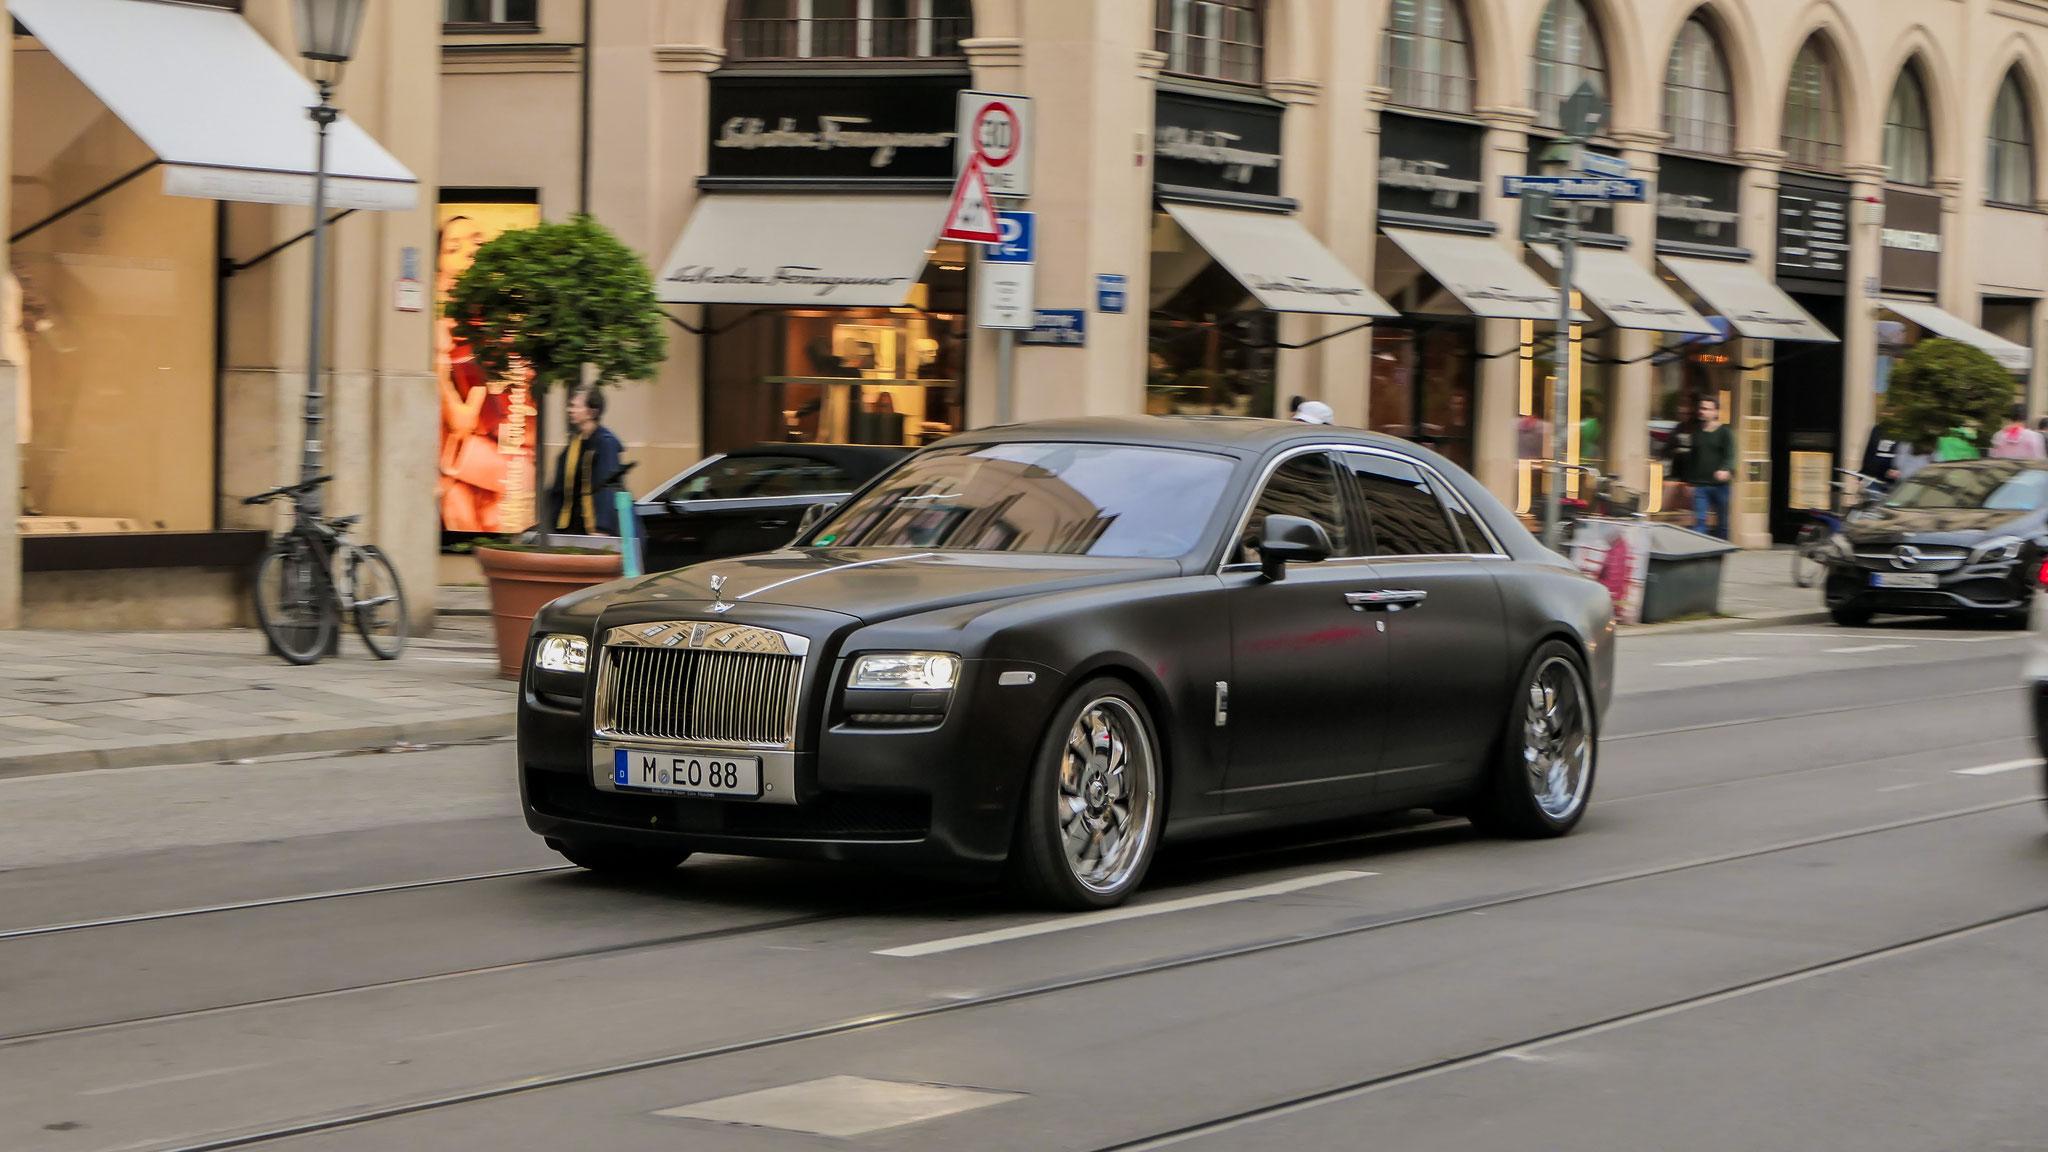 Rolls Royce Ghost - M-EO-88